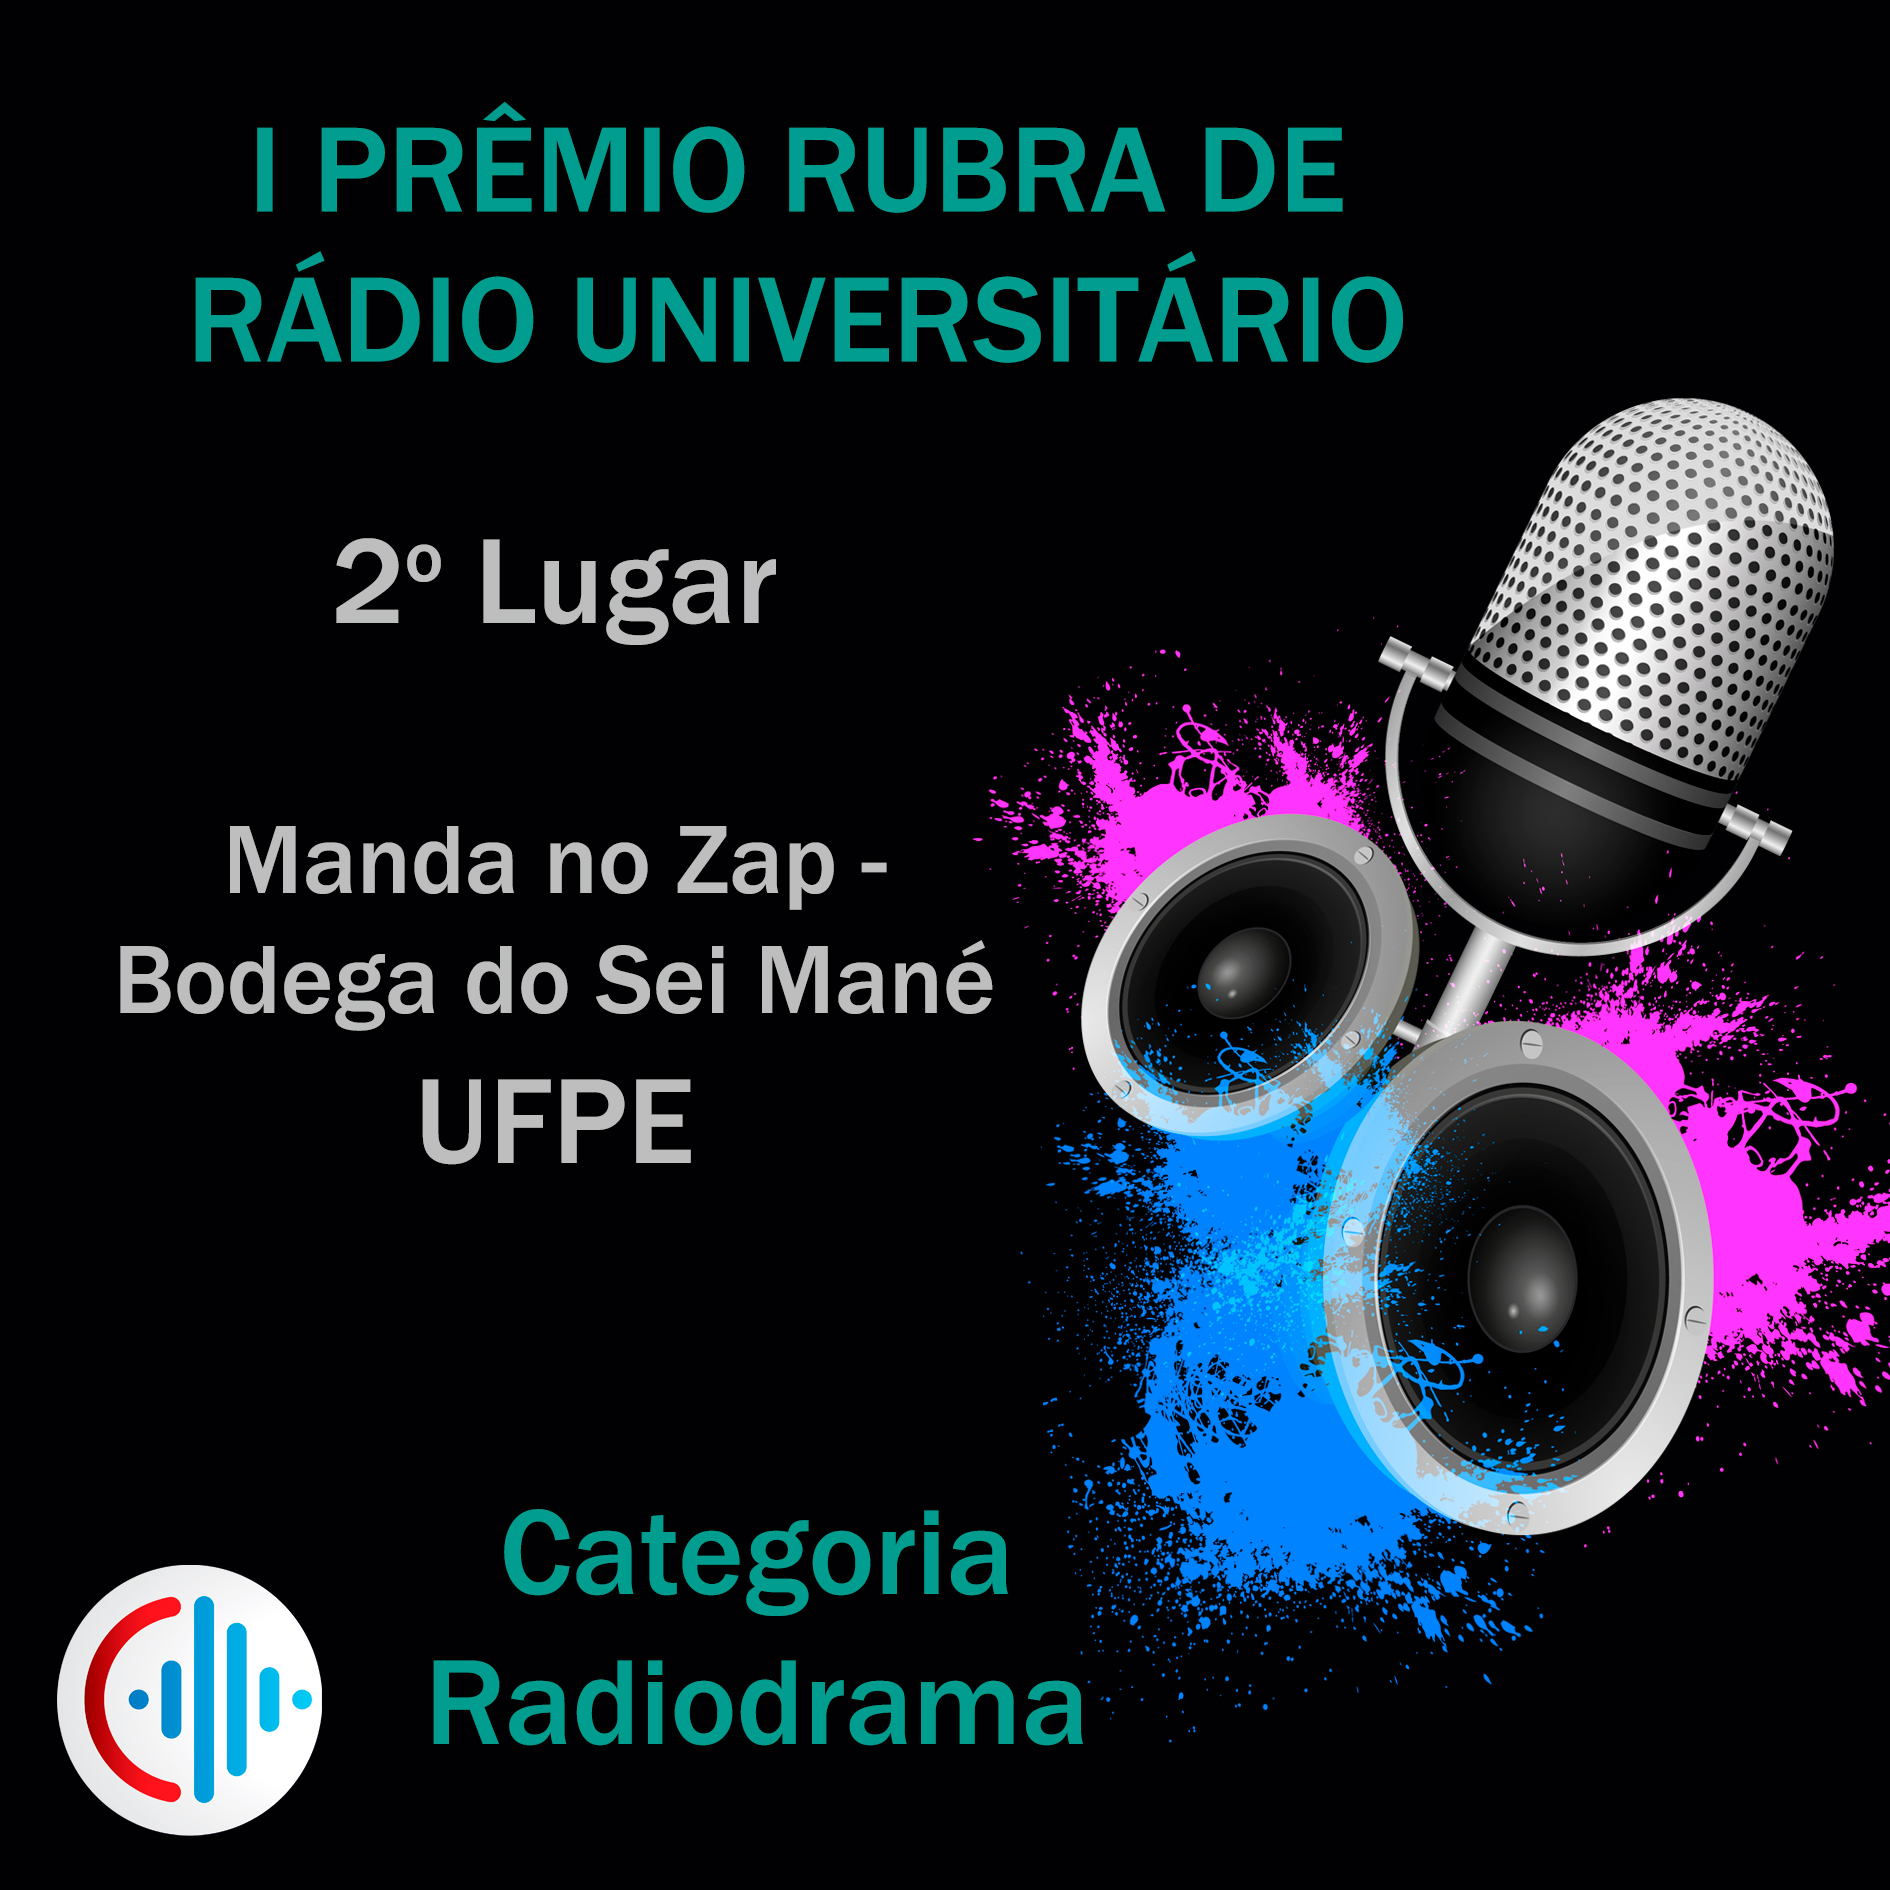 card_2Lugar_Radiodrama